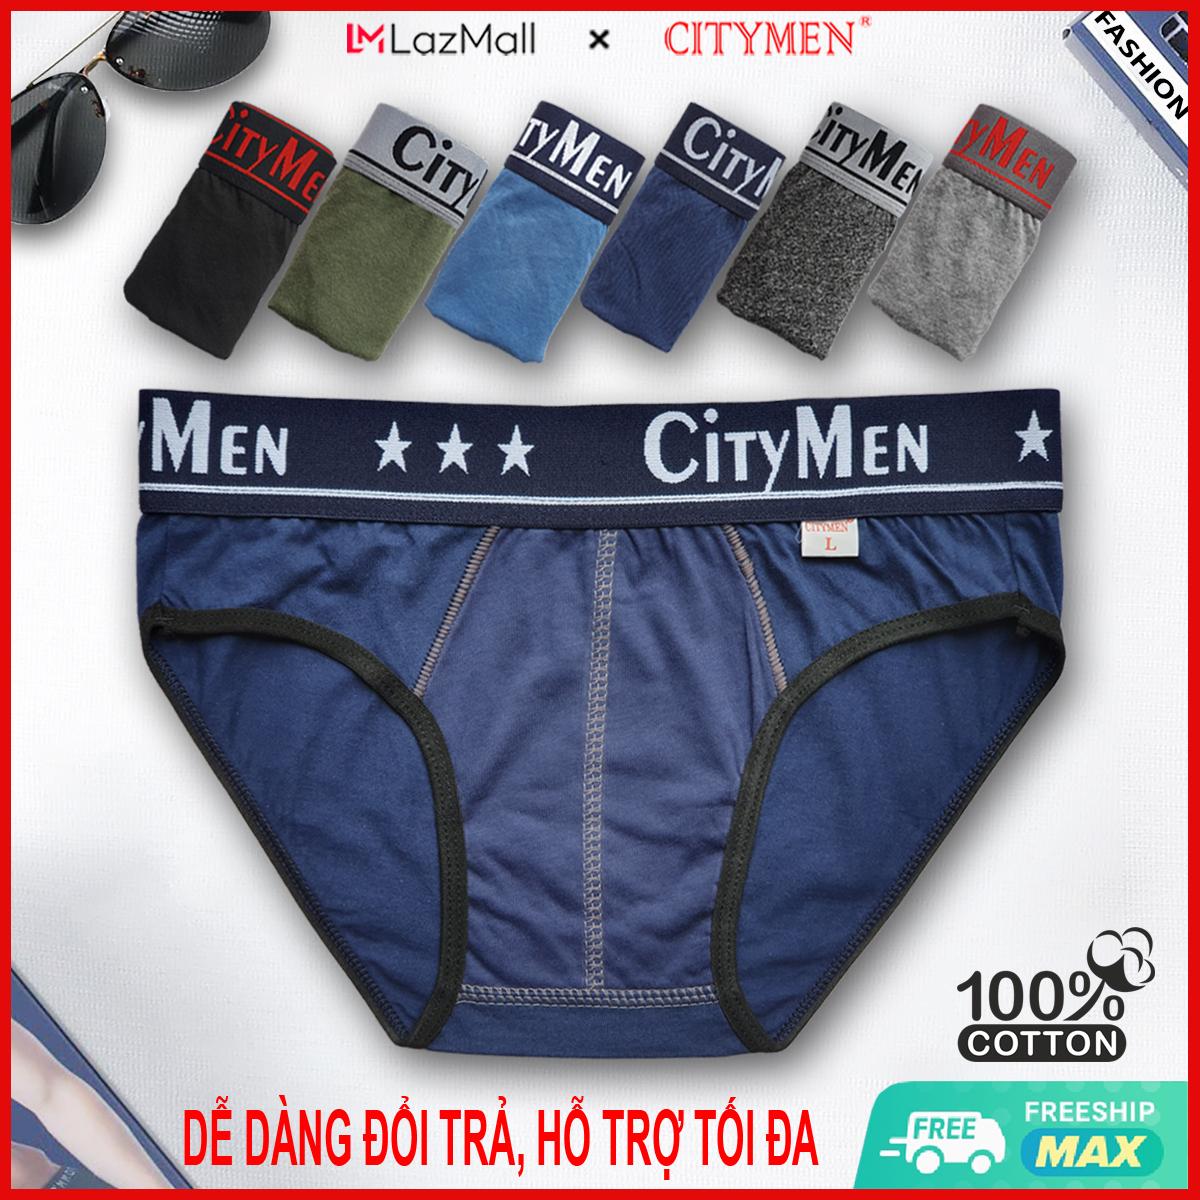 Quần Lót Nam cao cấp | chữ CITYMEN | quần xì nam | quần xịp, sịp nam | vải cotton 2 chiều | hiệu CITYMEN | kiểu brief | đồ lót nam